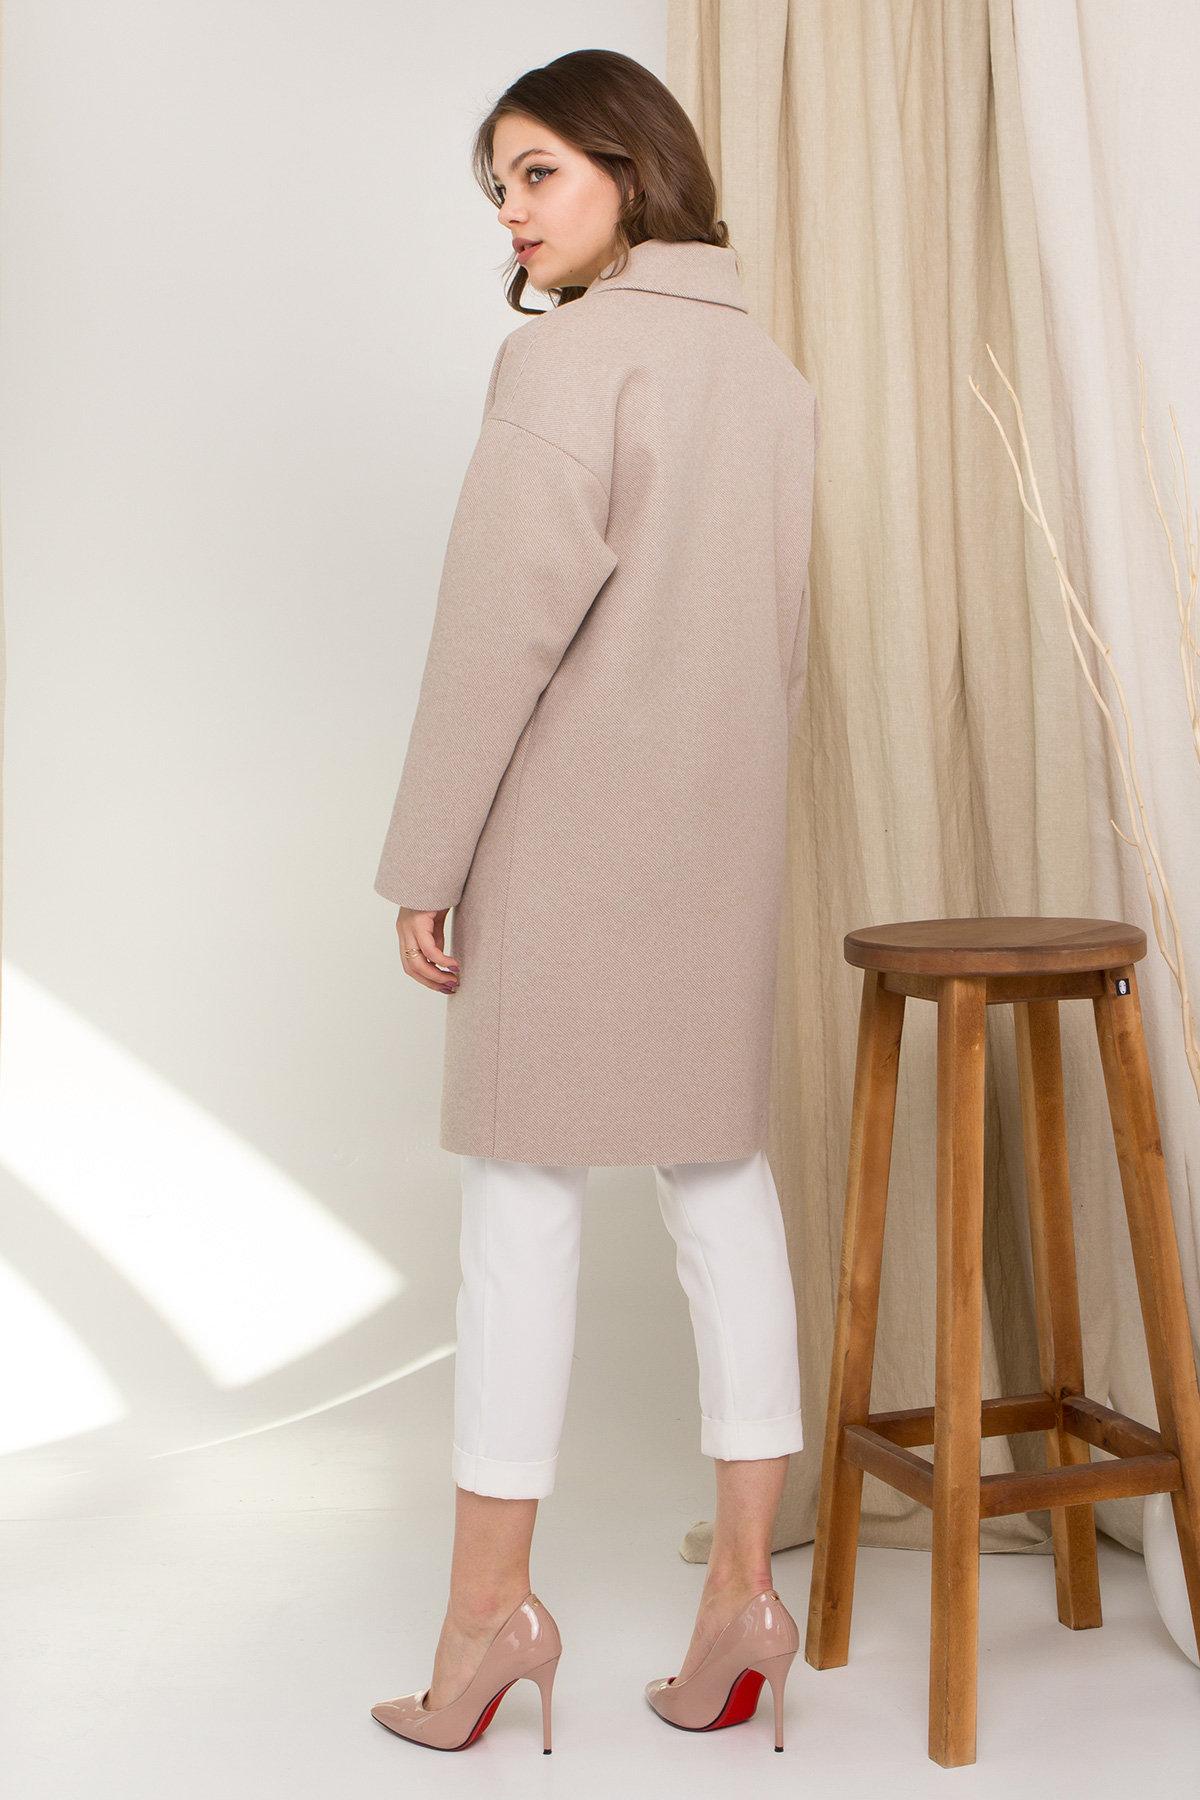 Пальто Сенсей 8907 АРТ. 45368 Цвет: Бежевый - фото 3, интернет магазин tm-modus.ru